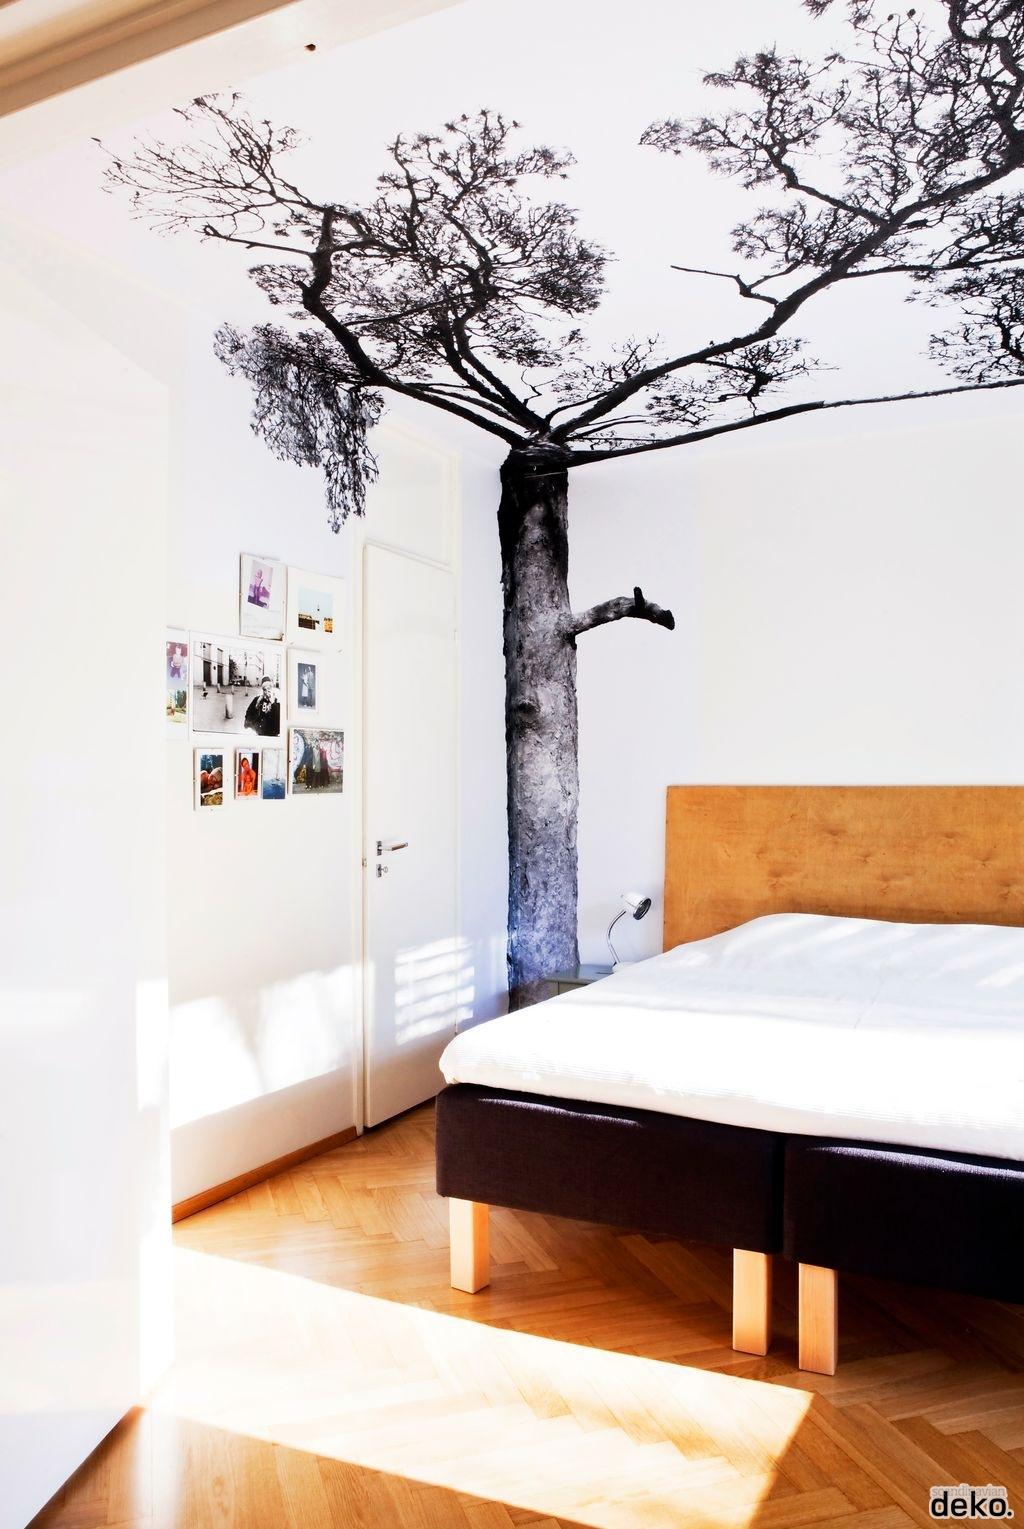 Koradecora arboles en las paredes for Scandi deko